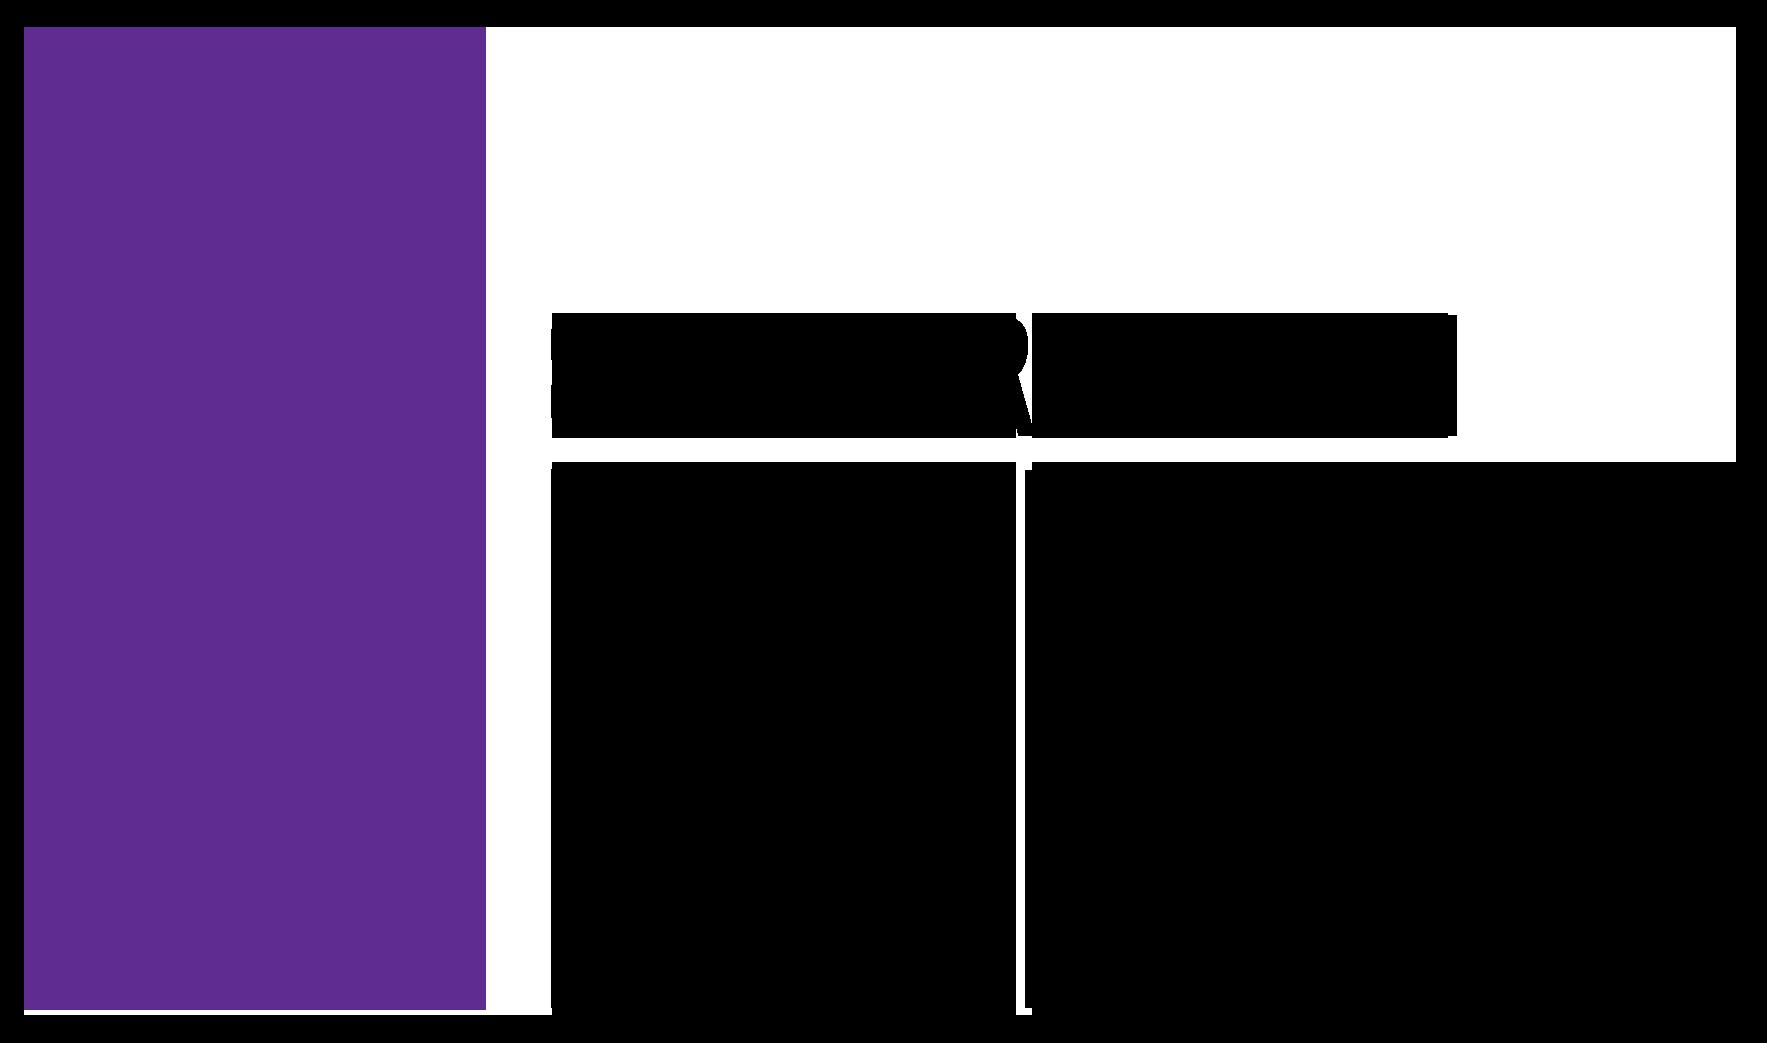 Violet vzw